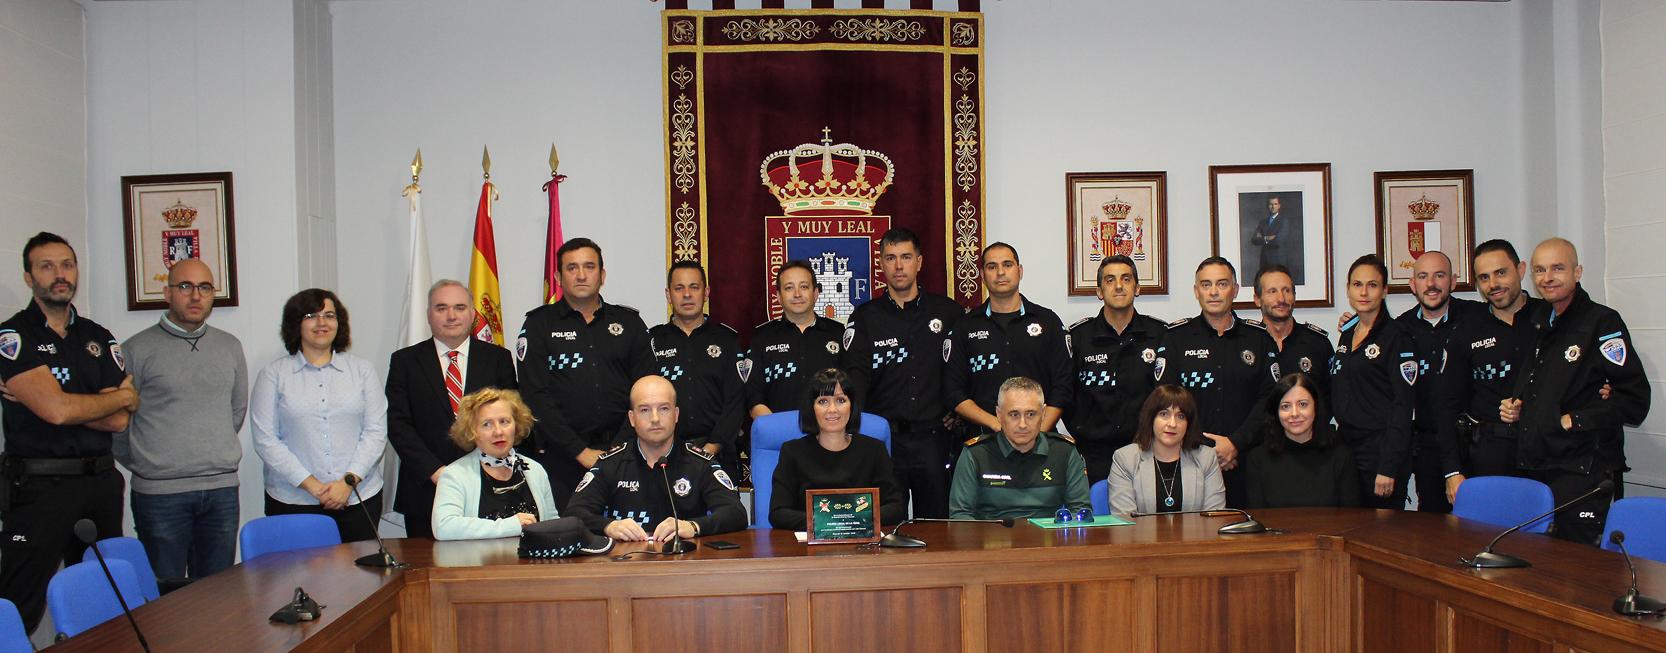 Foto Fam. Salón Plenosñ